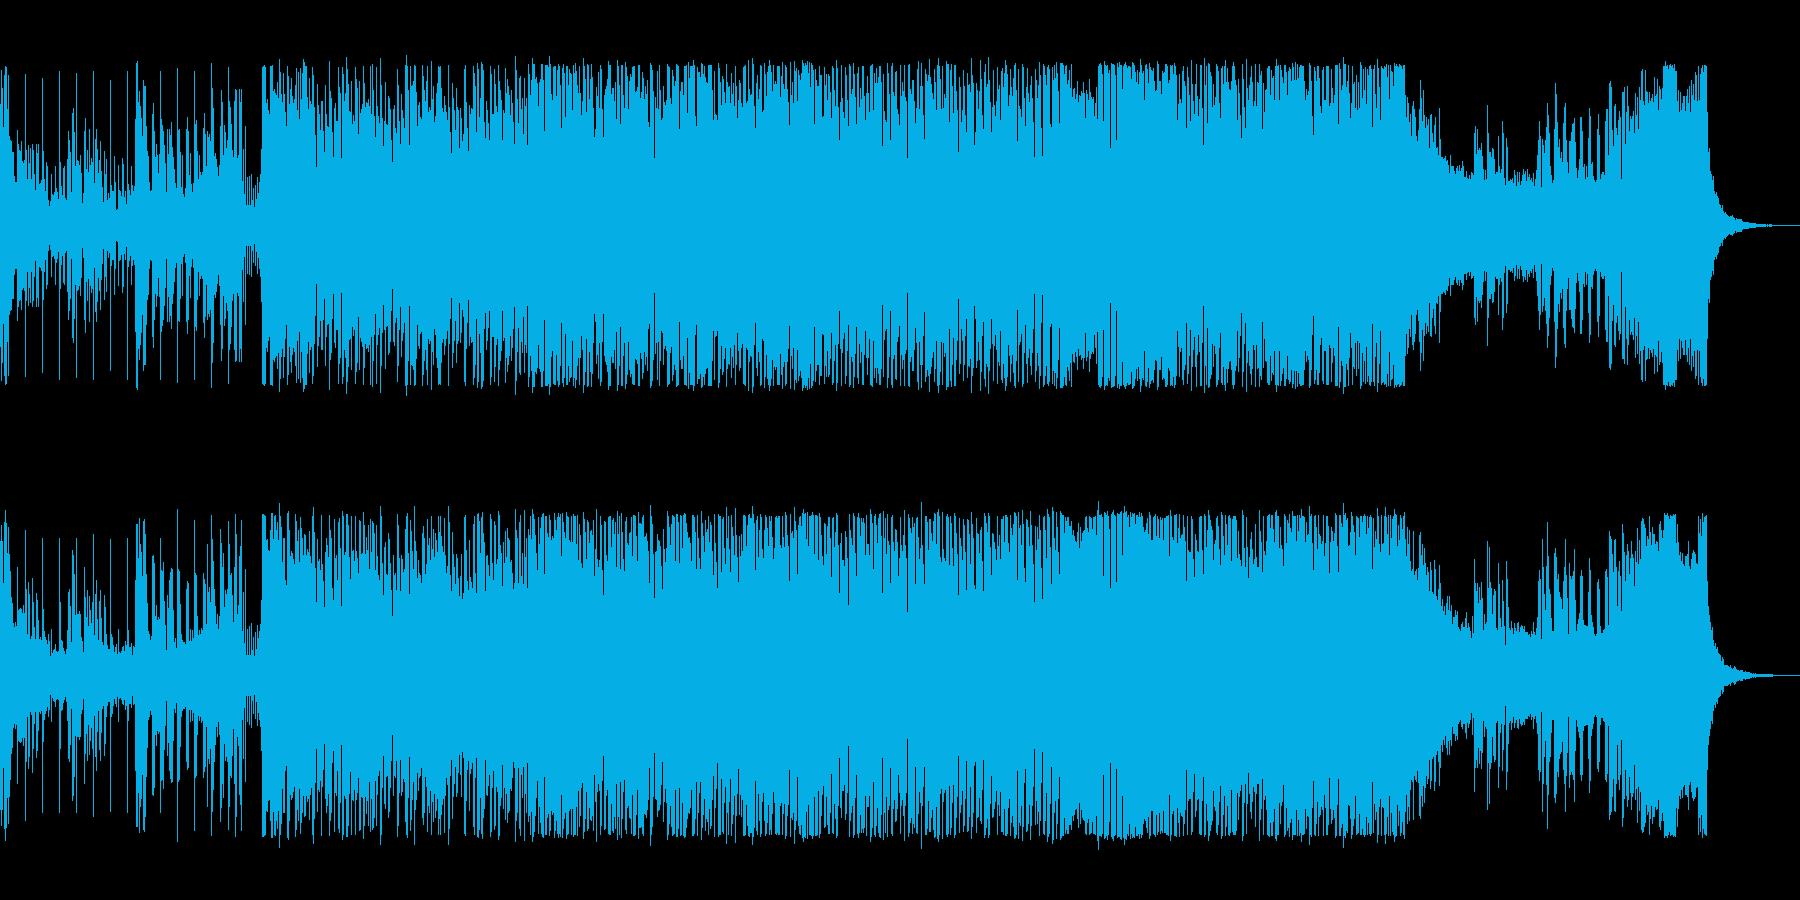 リズミカルでクールなテクノポップの再生済みの波形